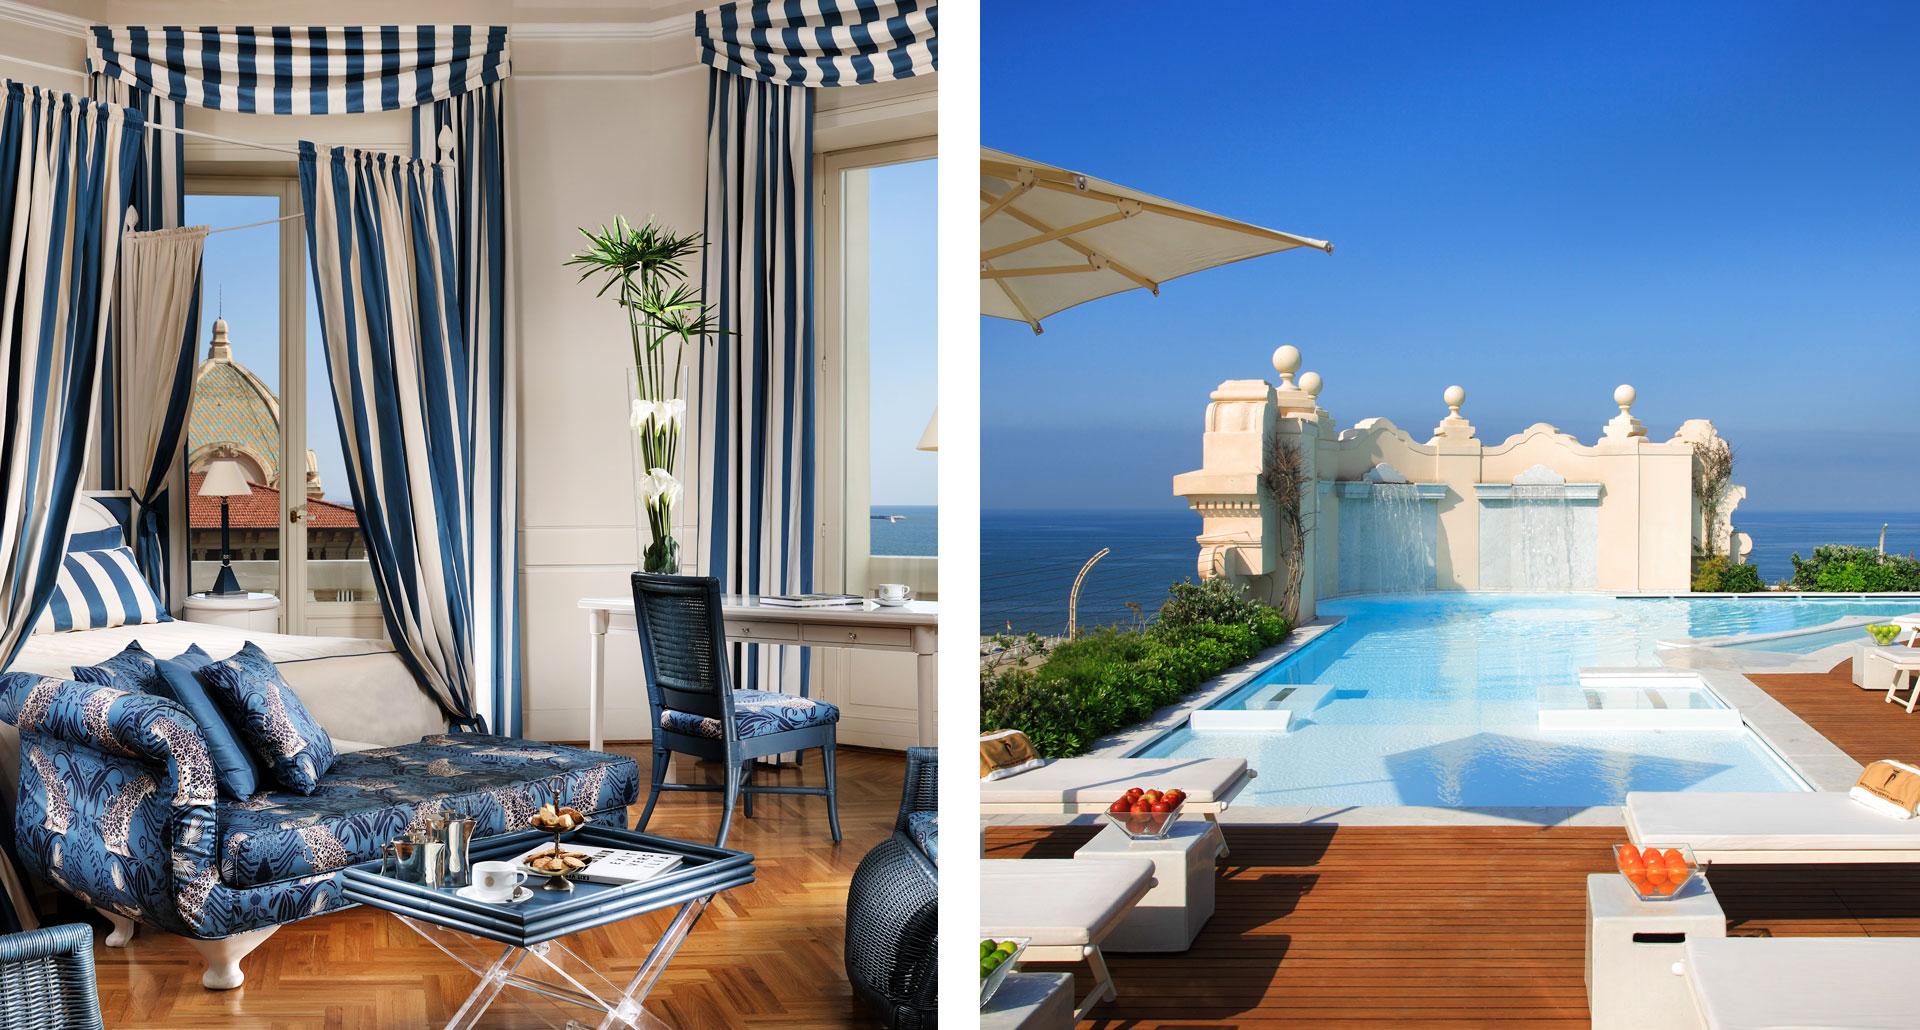 Grand Hotel Principe Di Piemonte - boutique hotel in Lucques